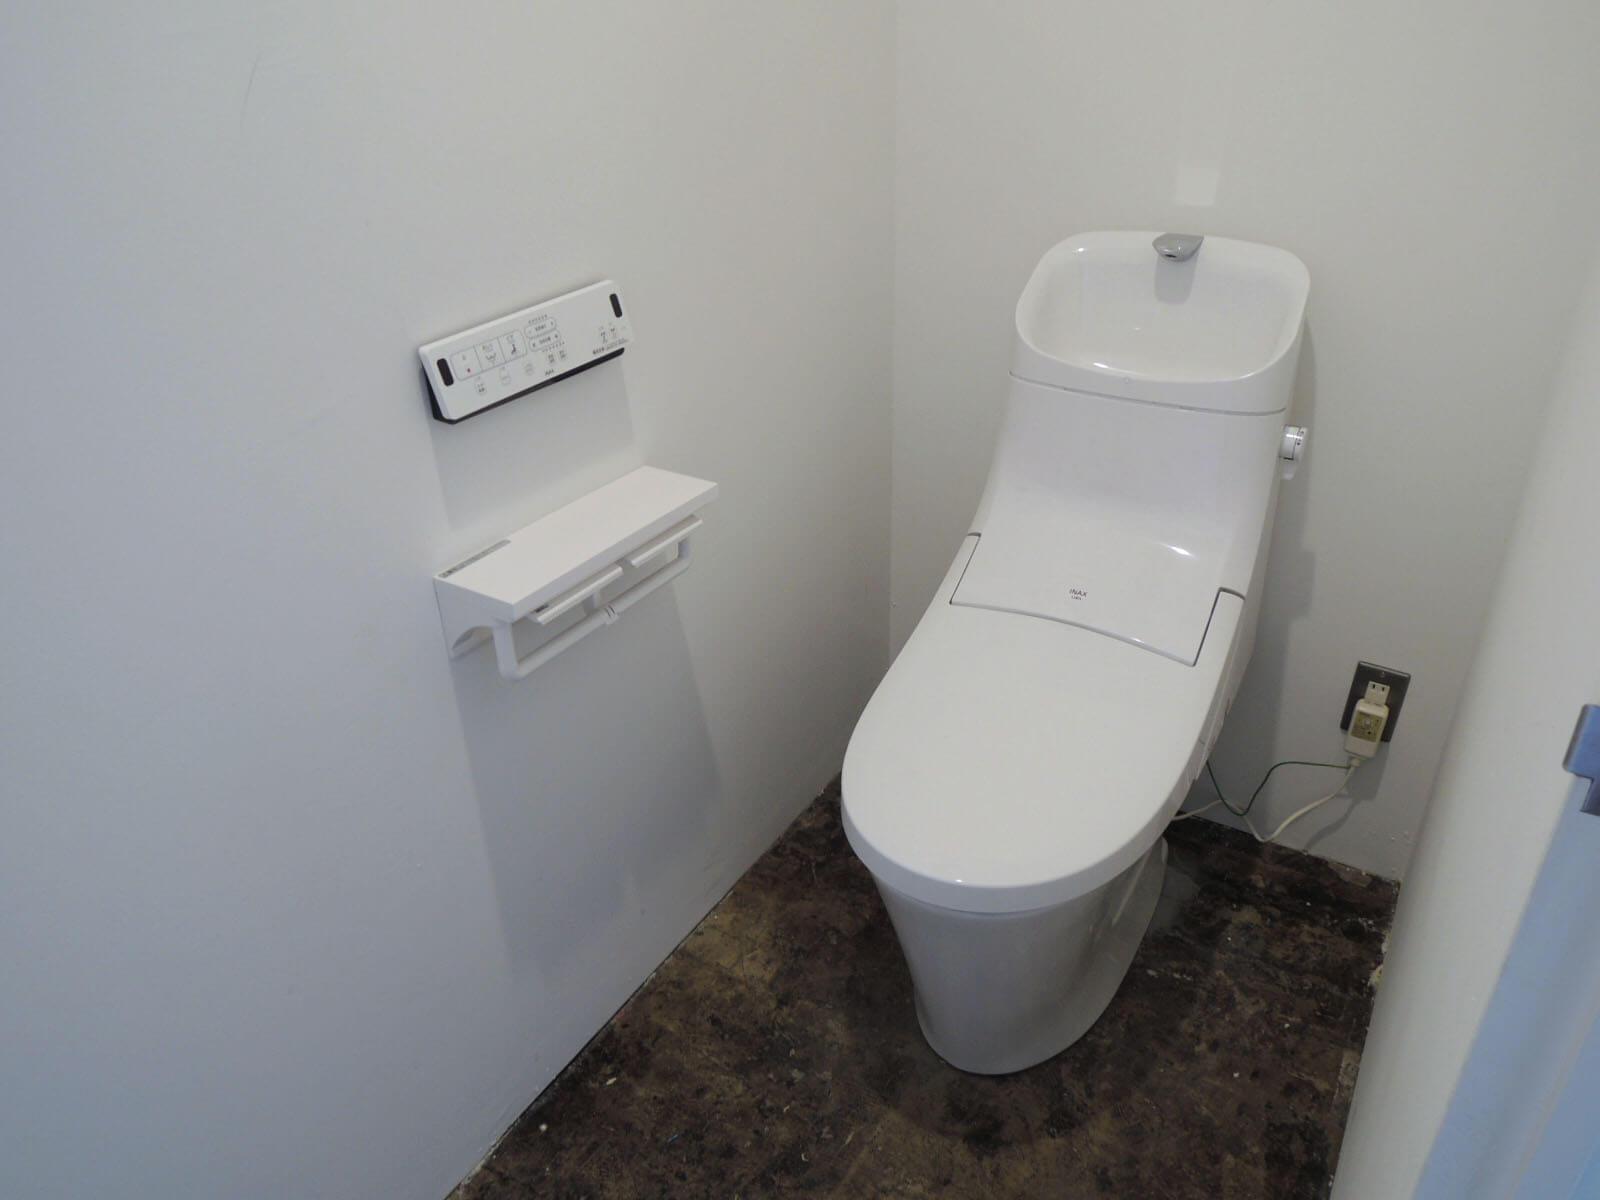 トイレとミニキッチンは隣り合って並んでます